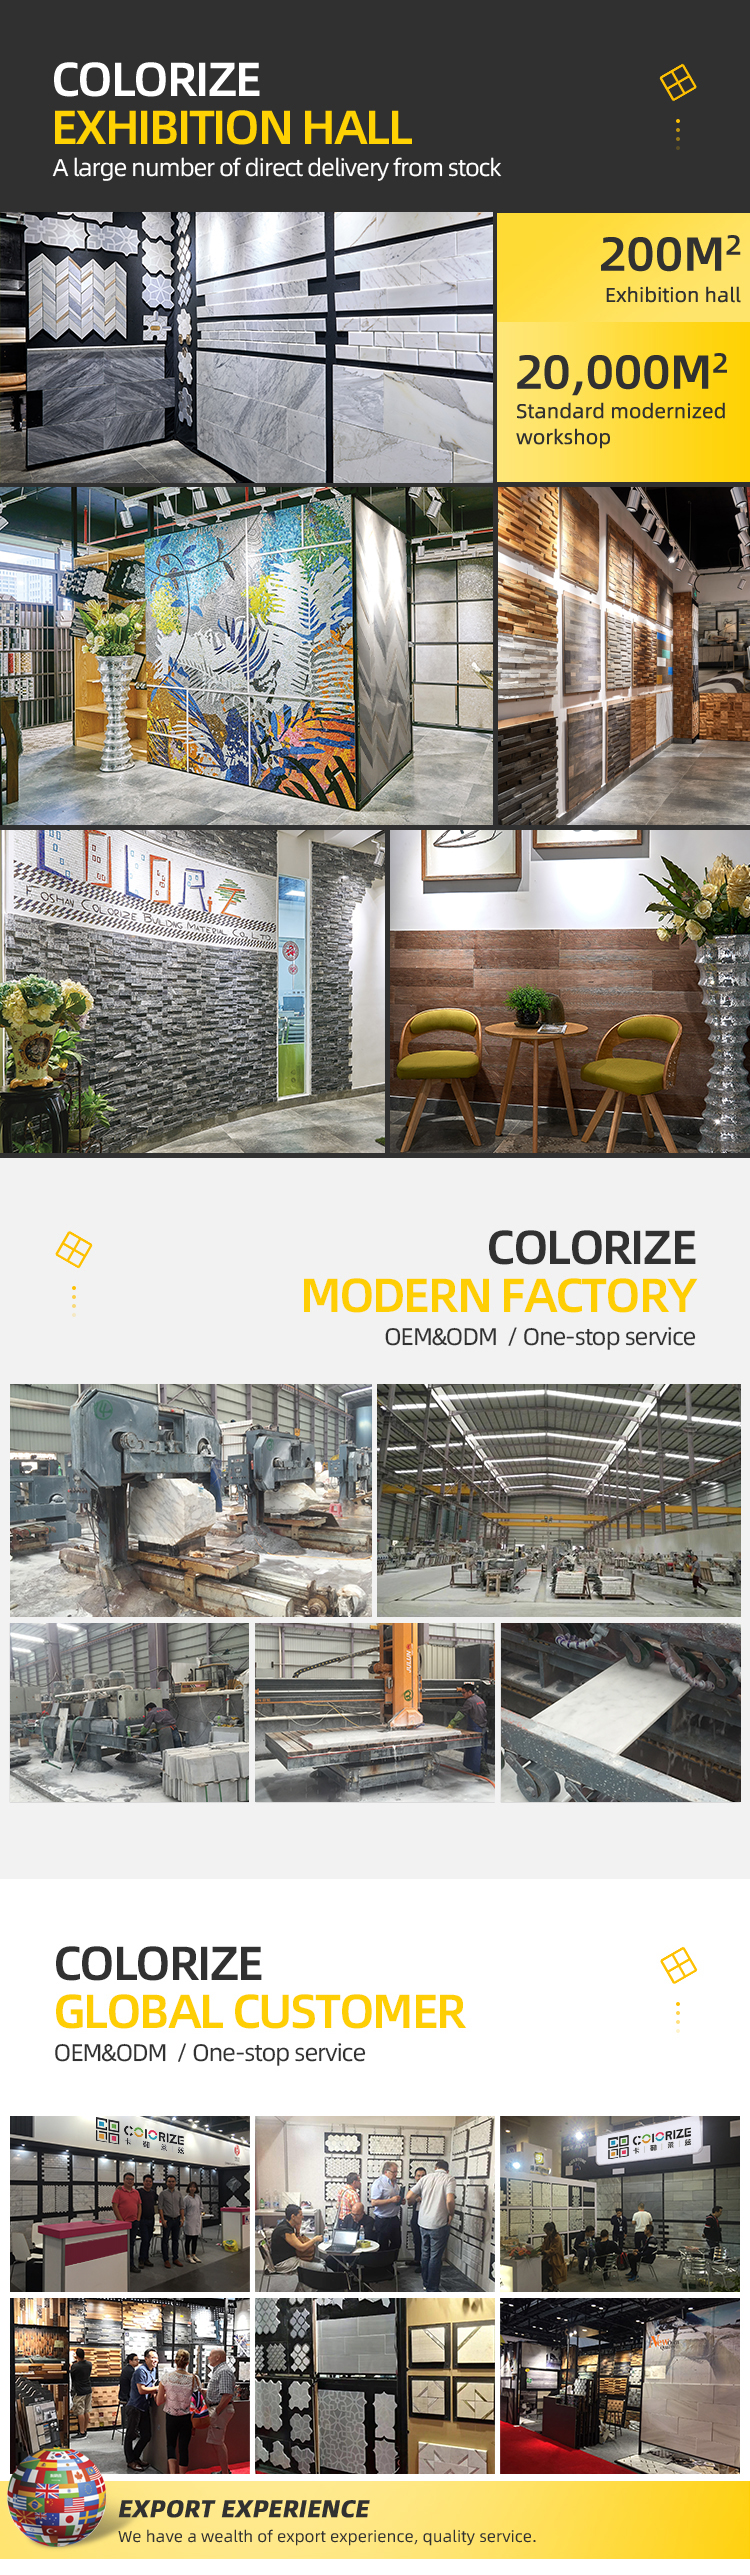 - Wholesale Lantern Mosaic Tile Backsplash/marble Lantern Mosaic Tile - Buy Lantern  Mosaic Tile,Lantern Mosaic Tile Backsplash,Marble Lantern Mosaic Tile  Product On Alibaba.com